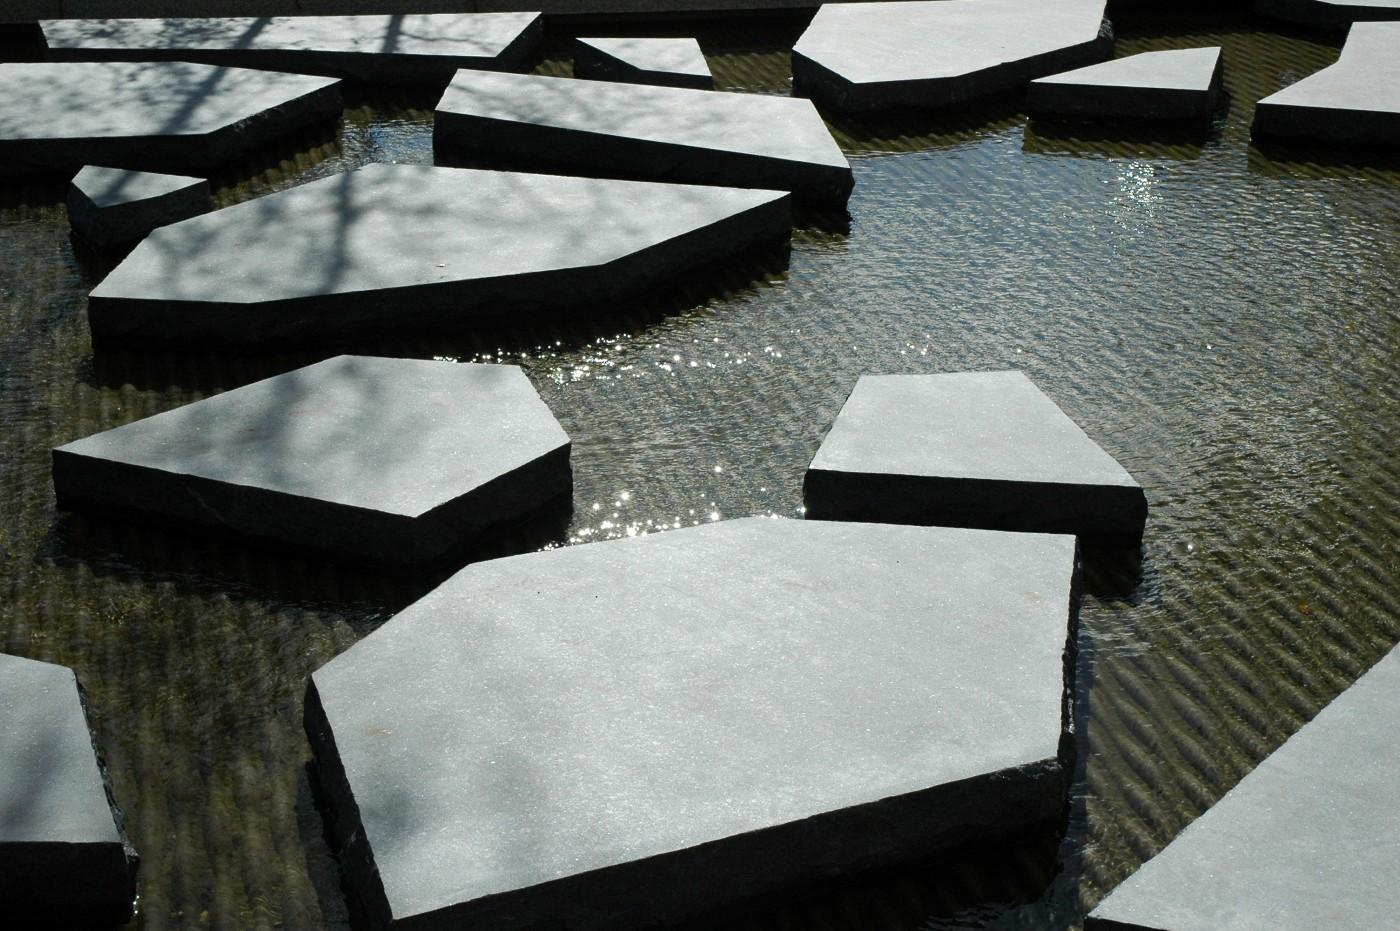 buro-sant-en-co-landschapsarchitectuur-roombeek-enschede-roomweg-beek-stenen-detail